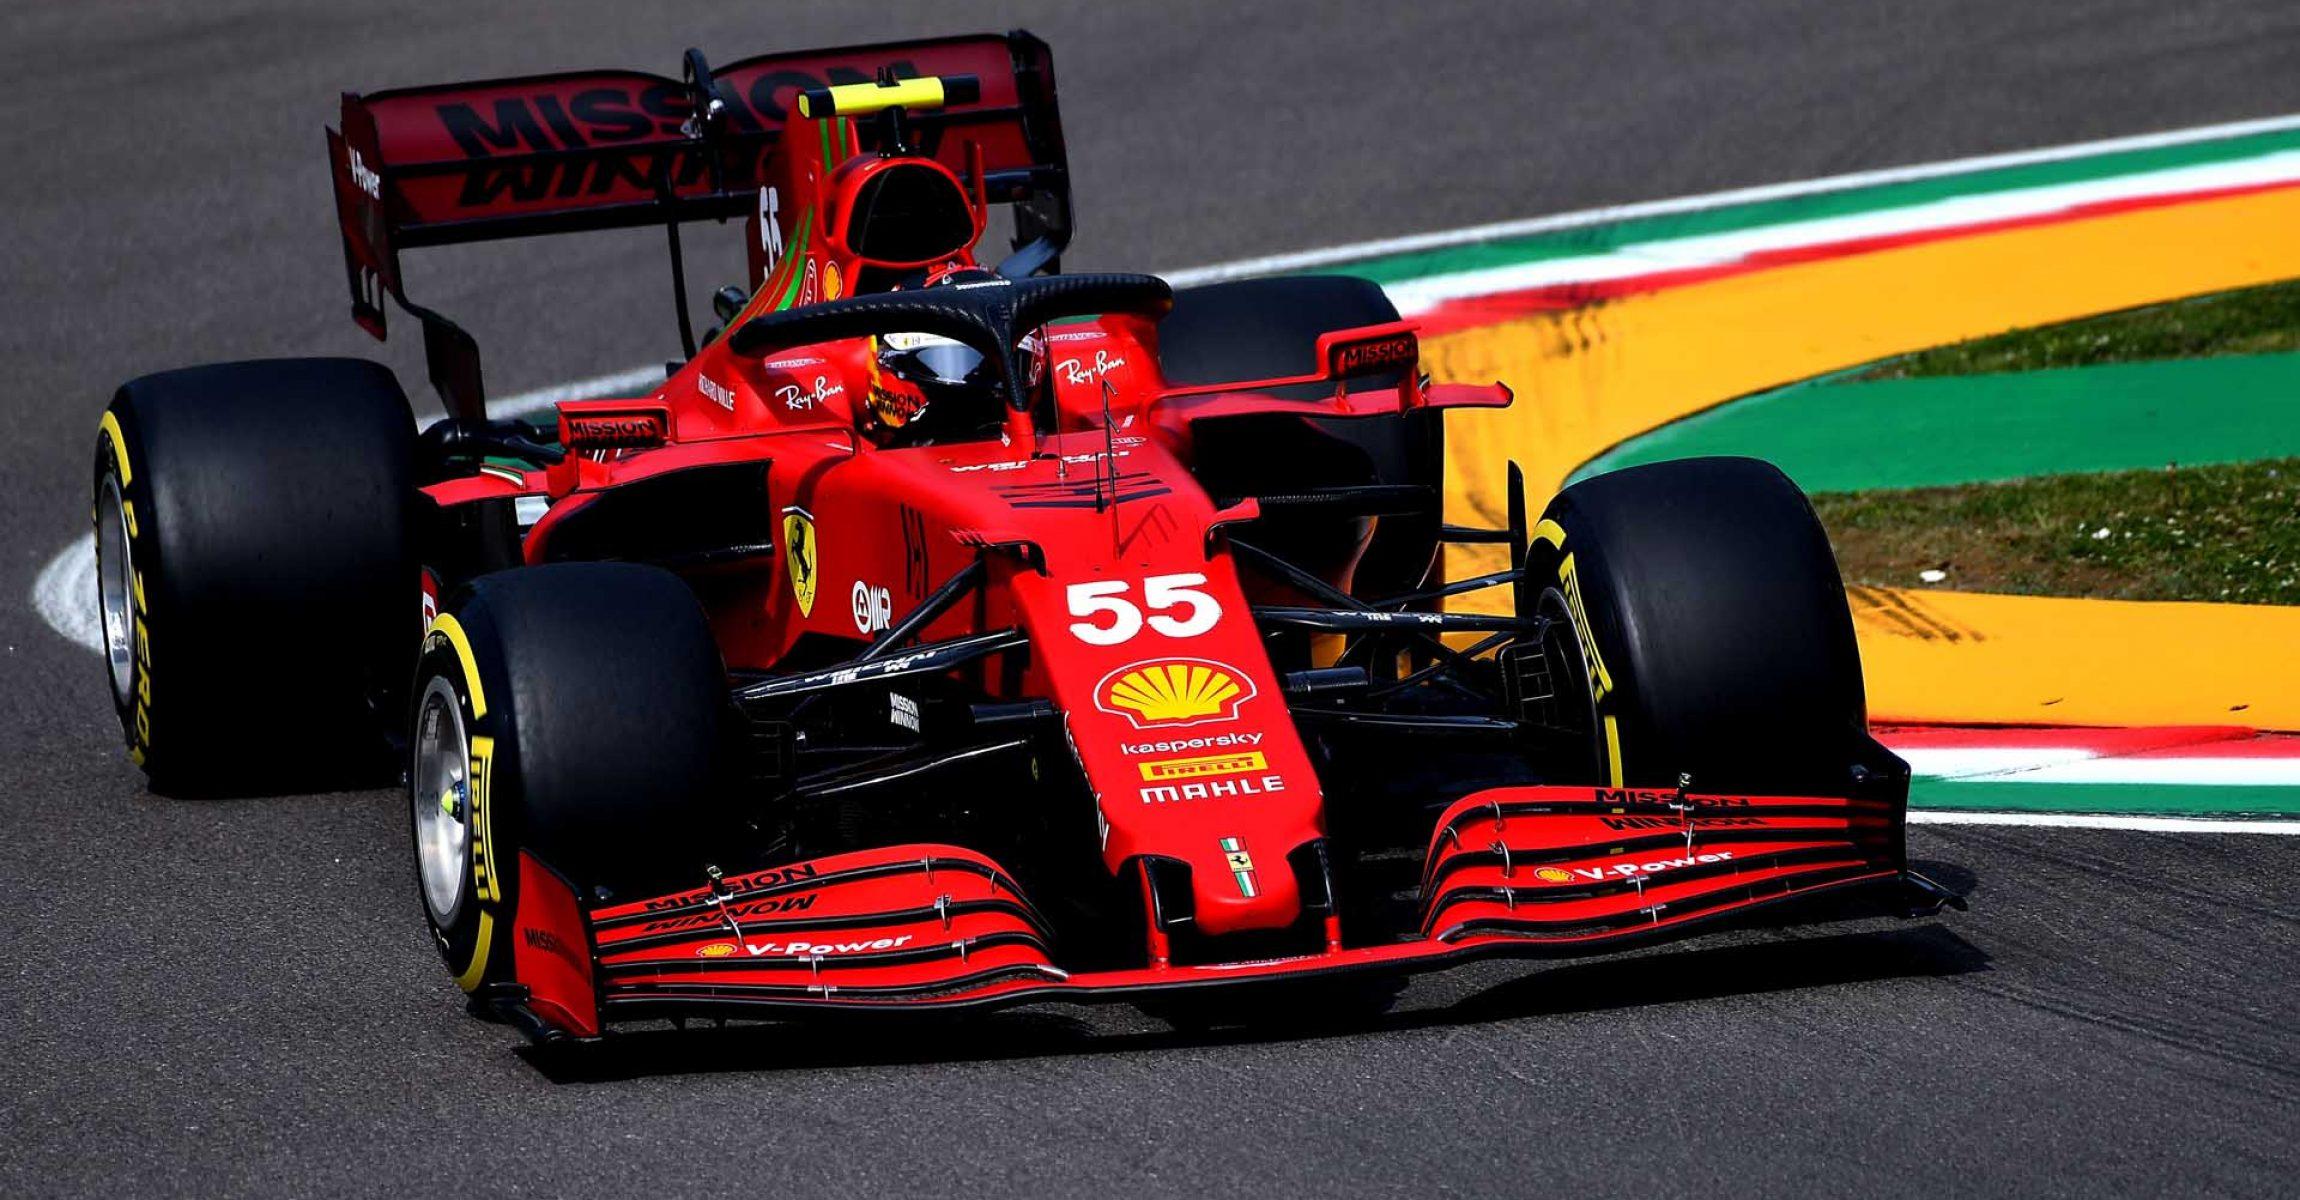 GP DELL'EMILIA ROMAGNA  F1/2021 - SABATO 17/04/2021  credit: @Scuderia Ferrari Press Office Carlos Sainz